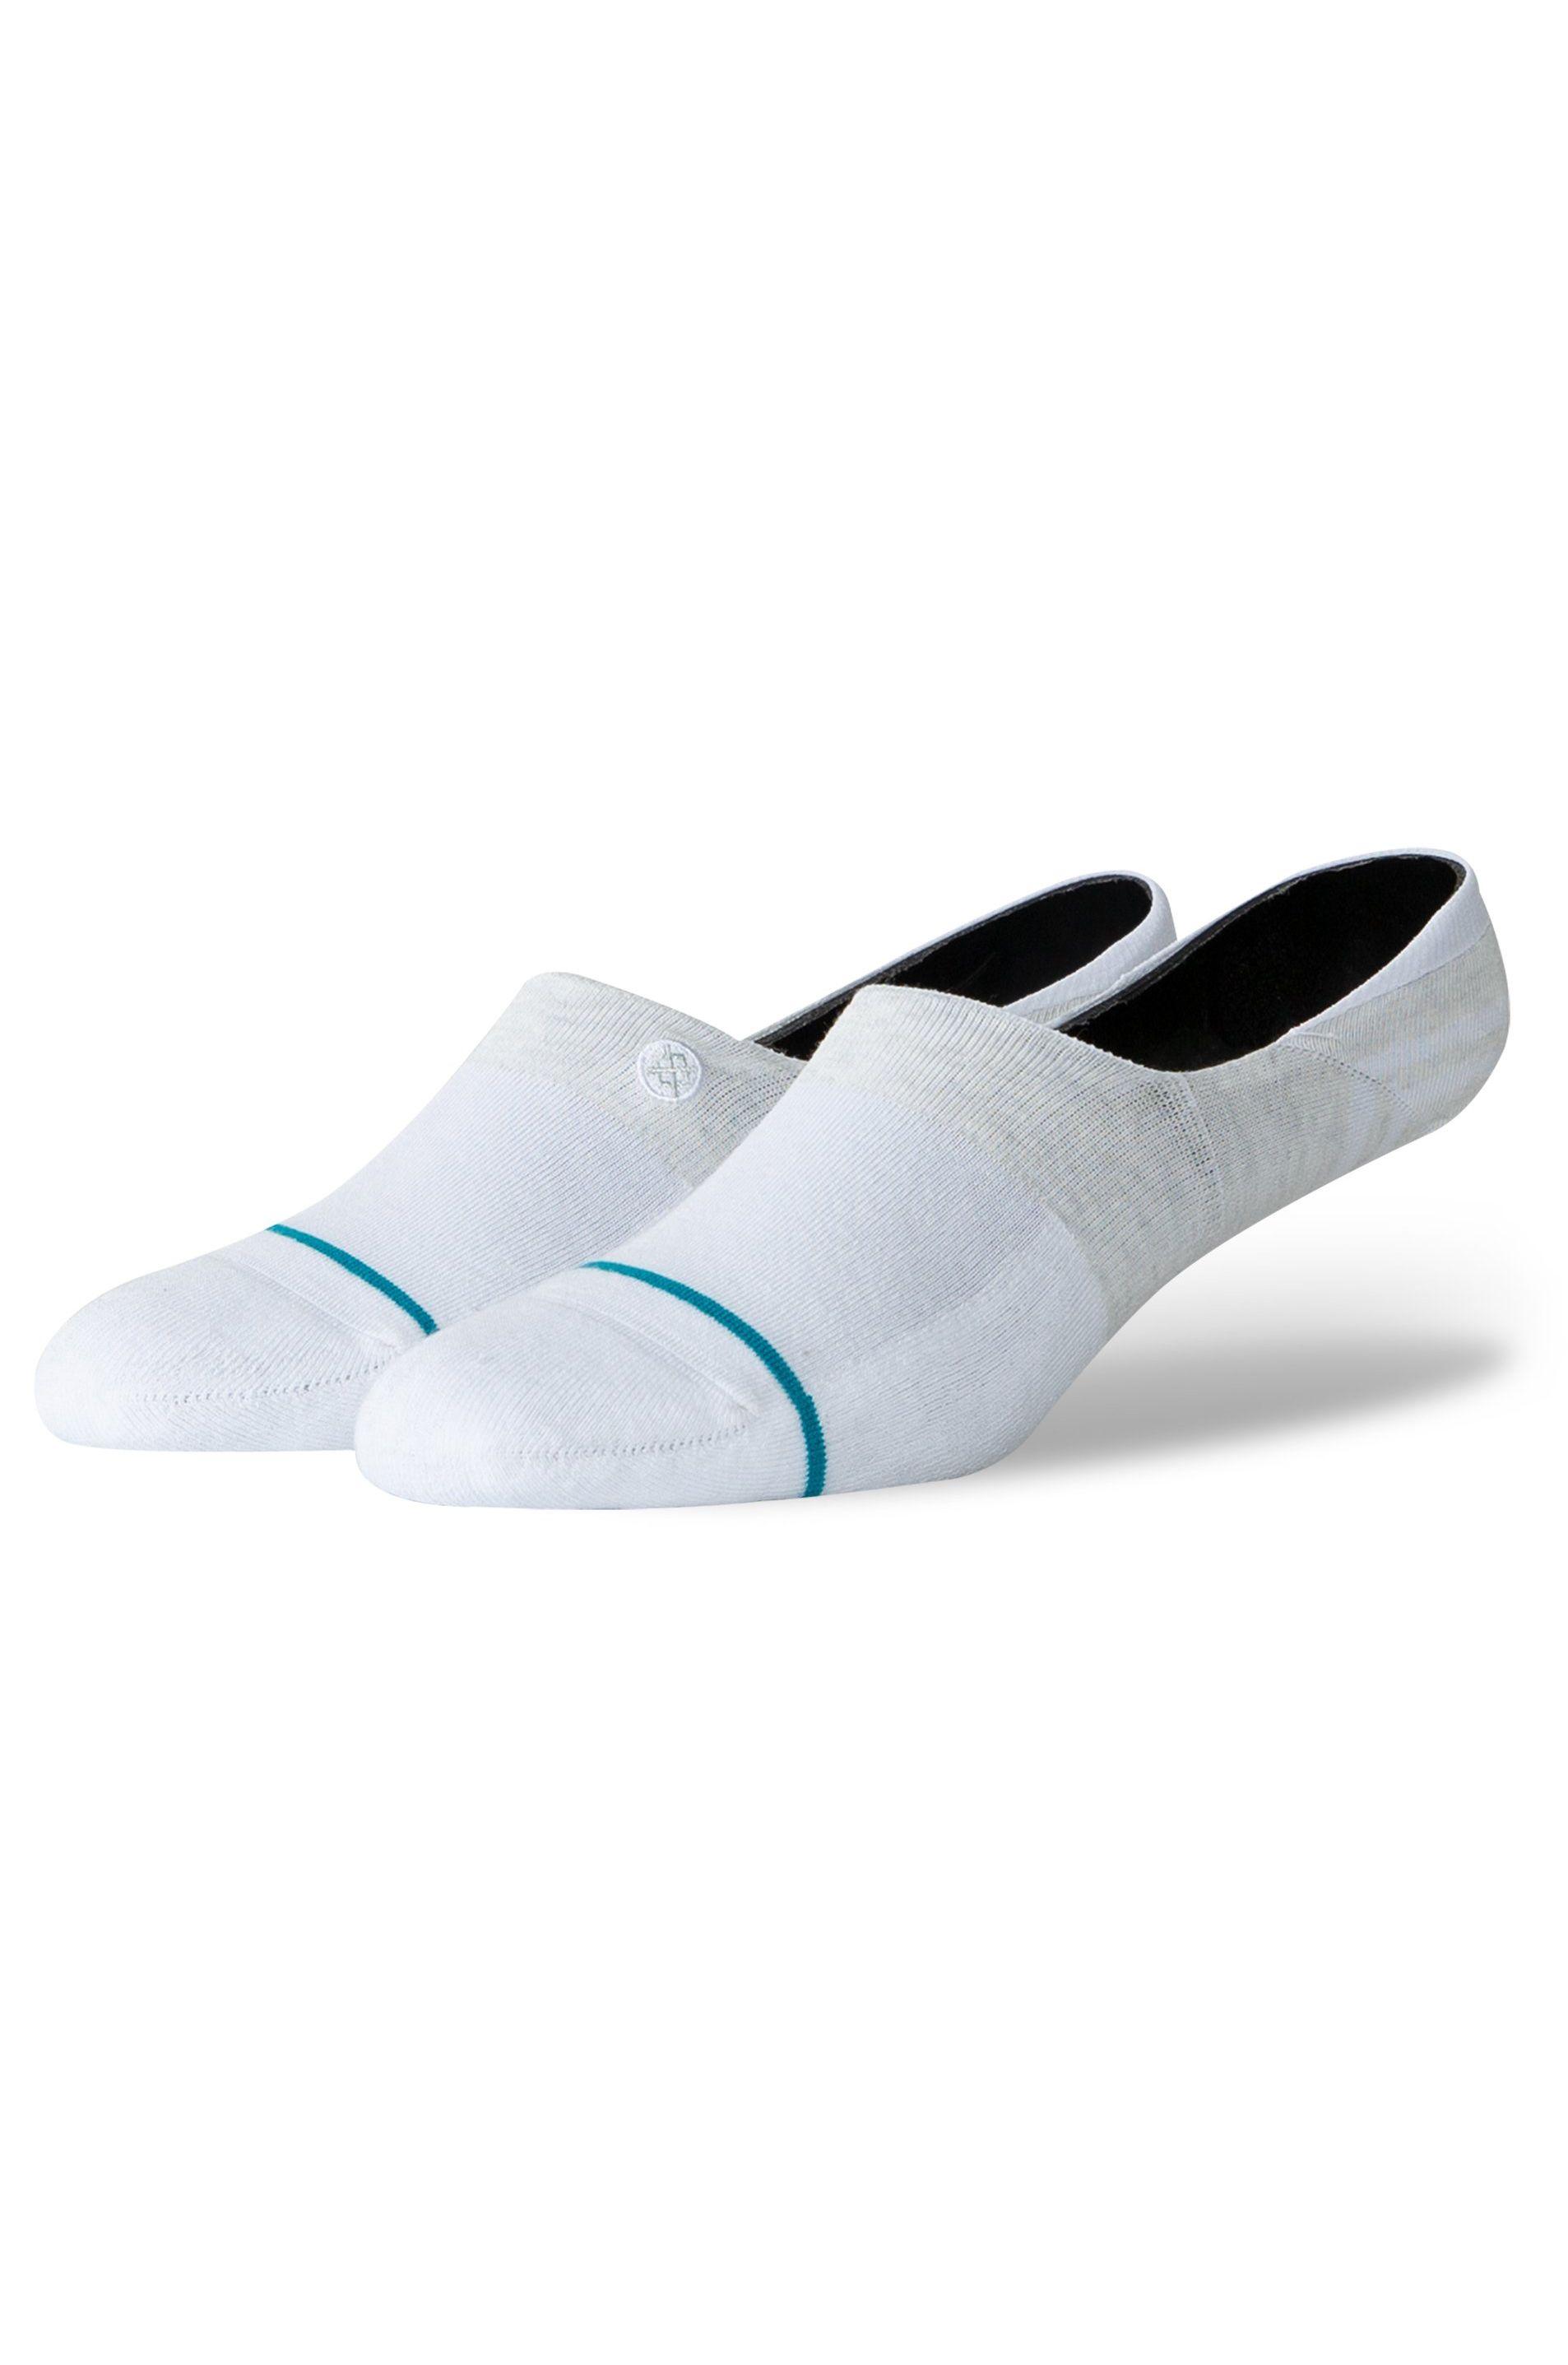 Stance Socks GAMUT 2 White